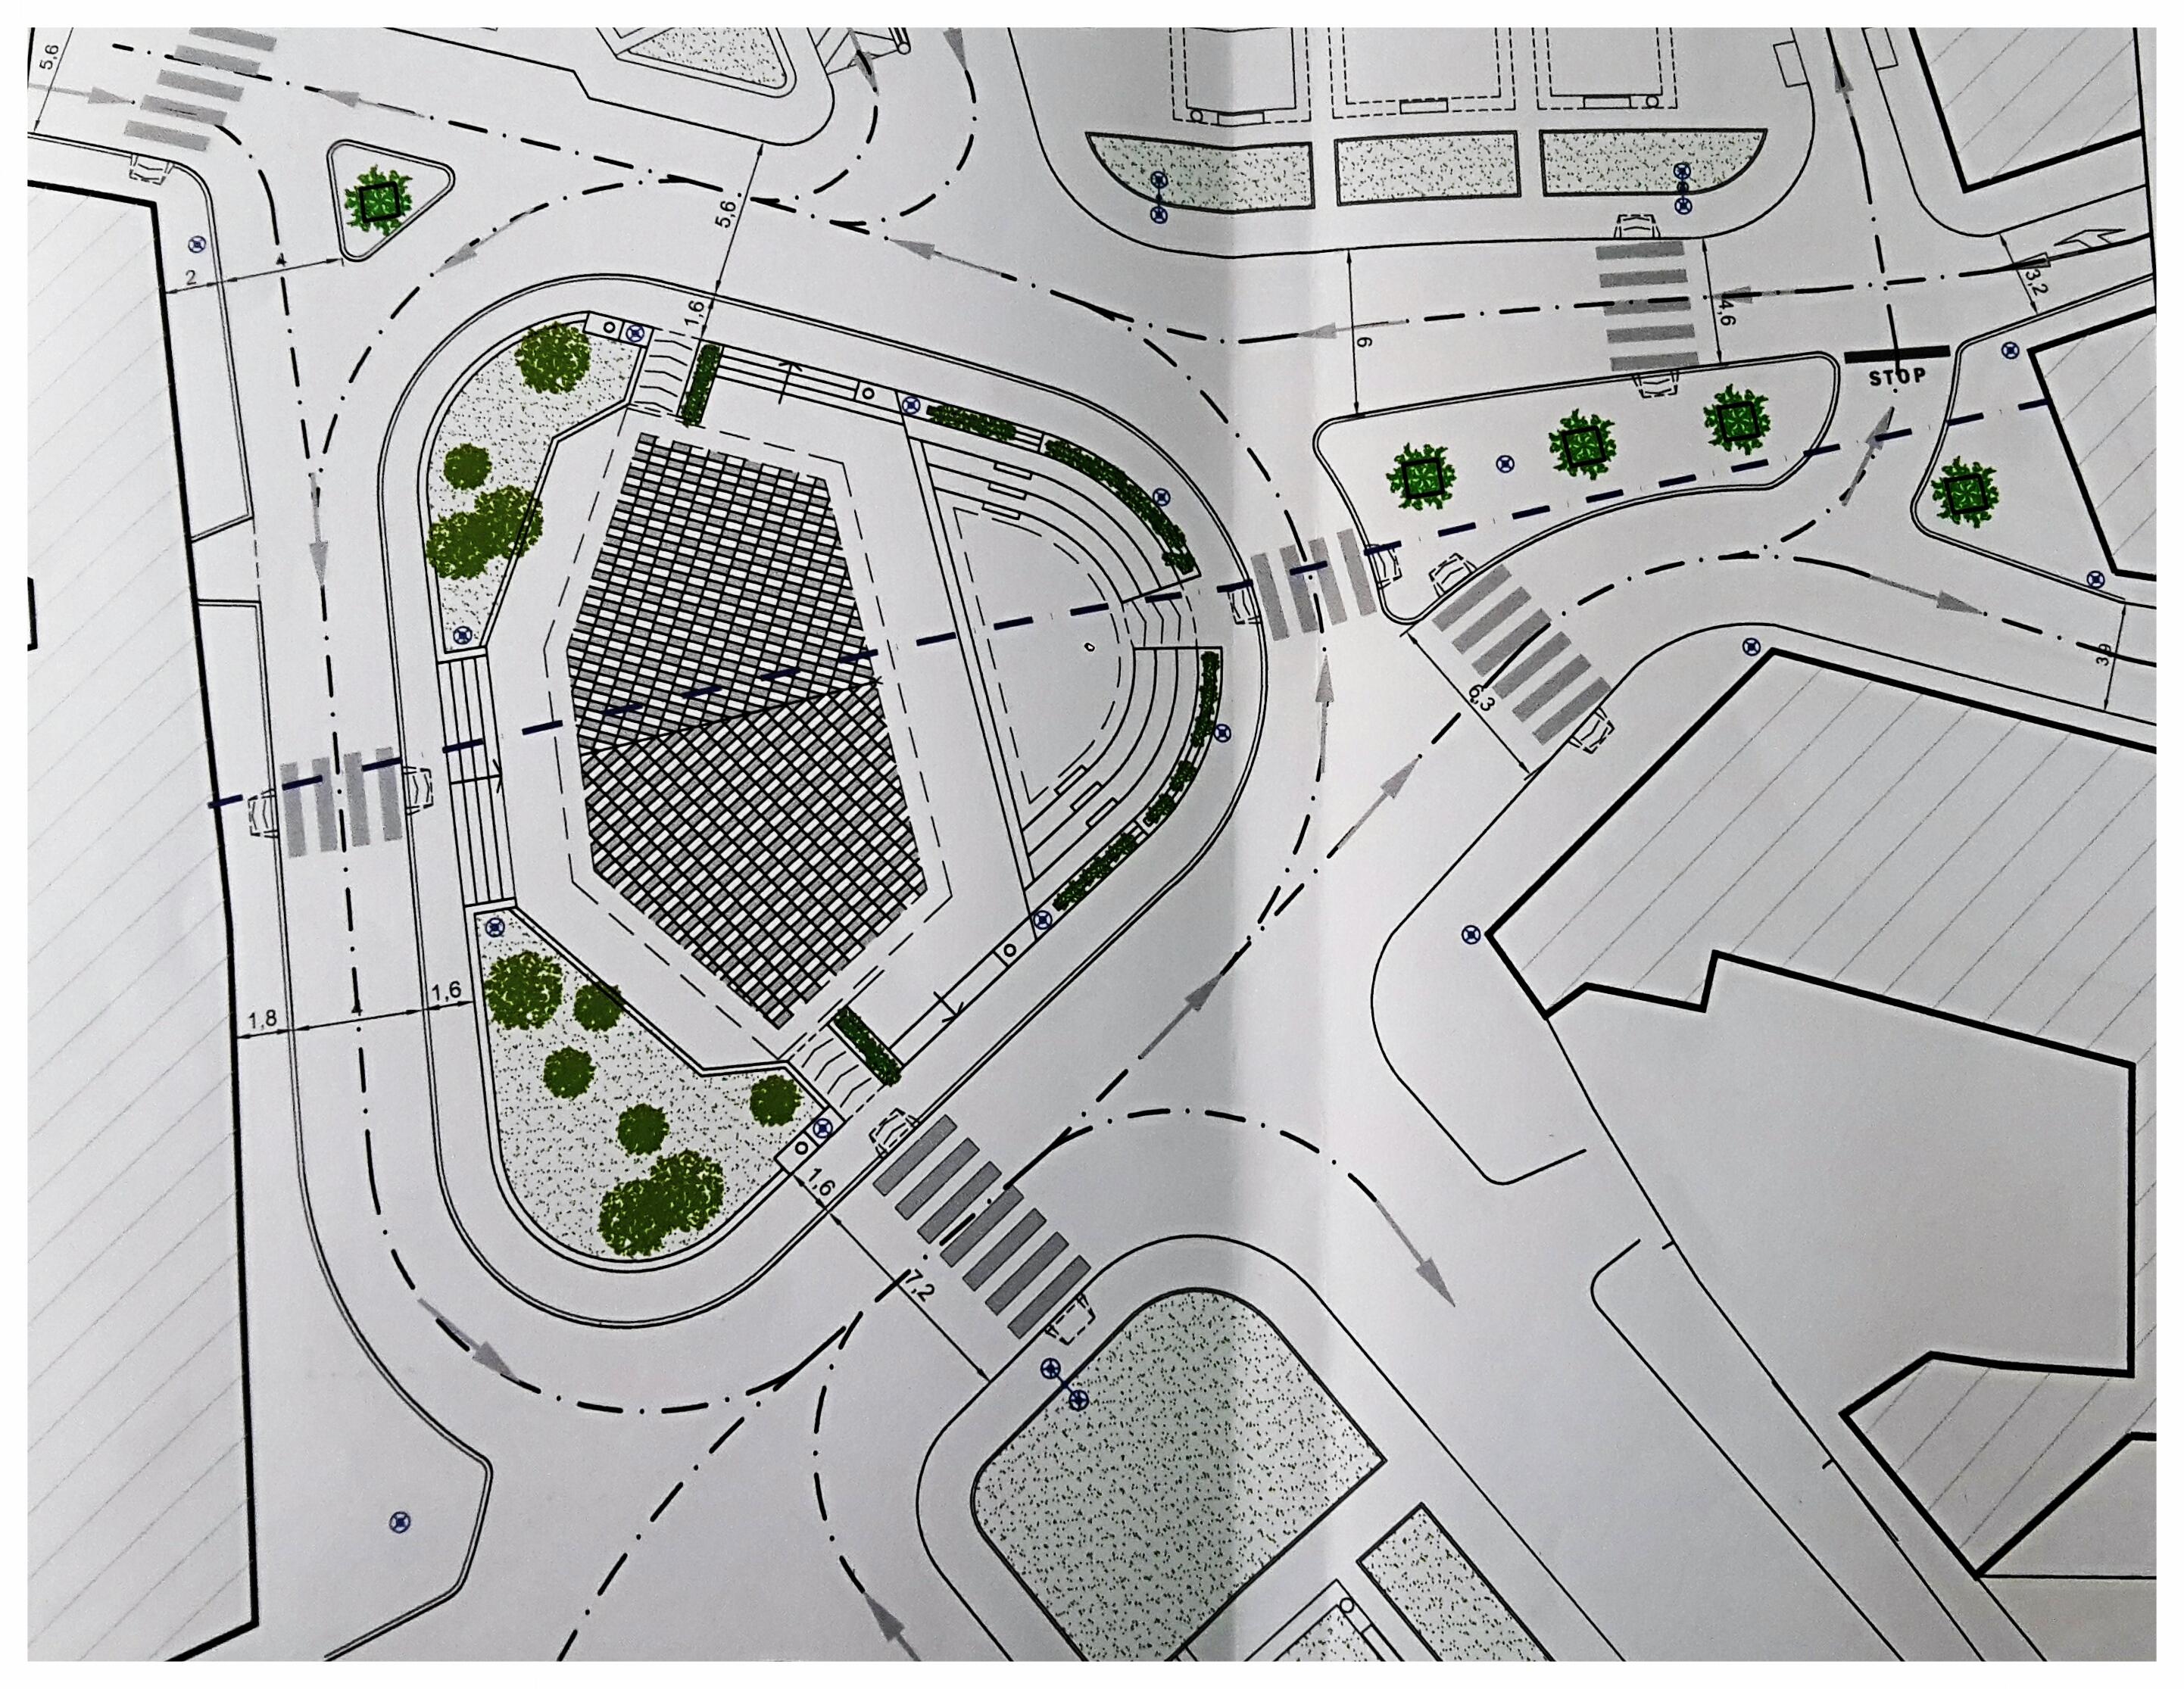 Il nuovo volto di Piazza Massimo Troisi: cambia la viabilità e aumentano gli spazi verdi. Un altro successo targato Zinno che ringrazia anche l'On. Bruno Cesario